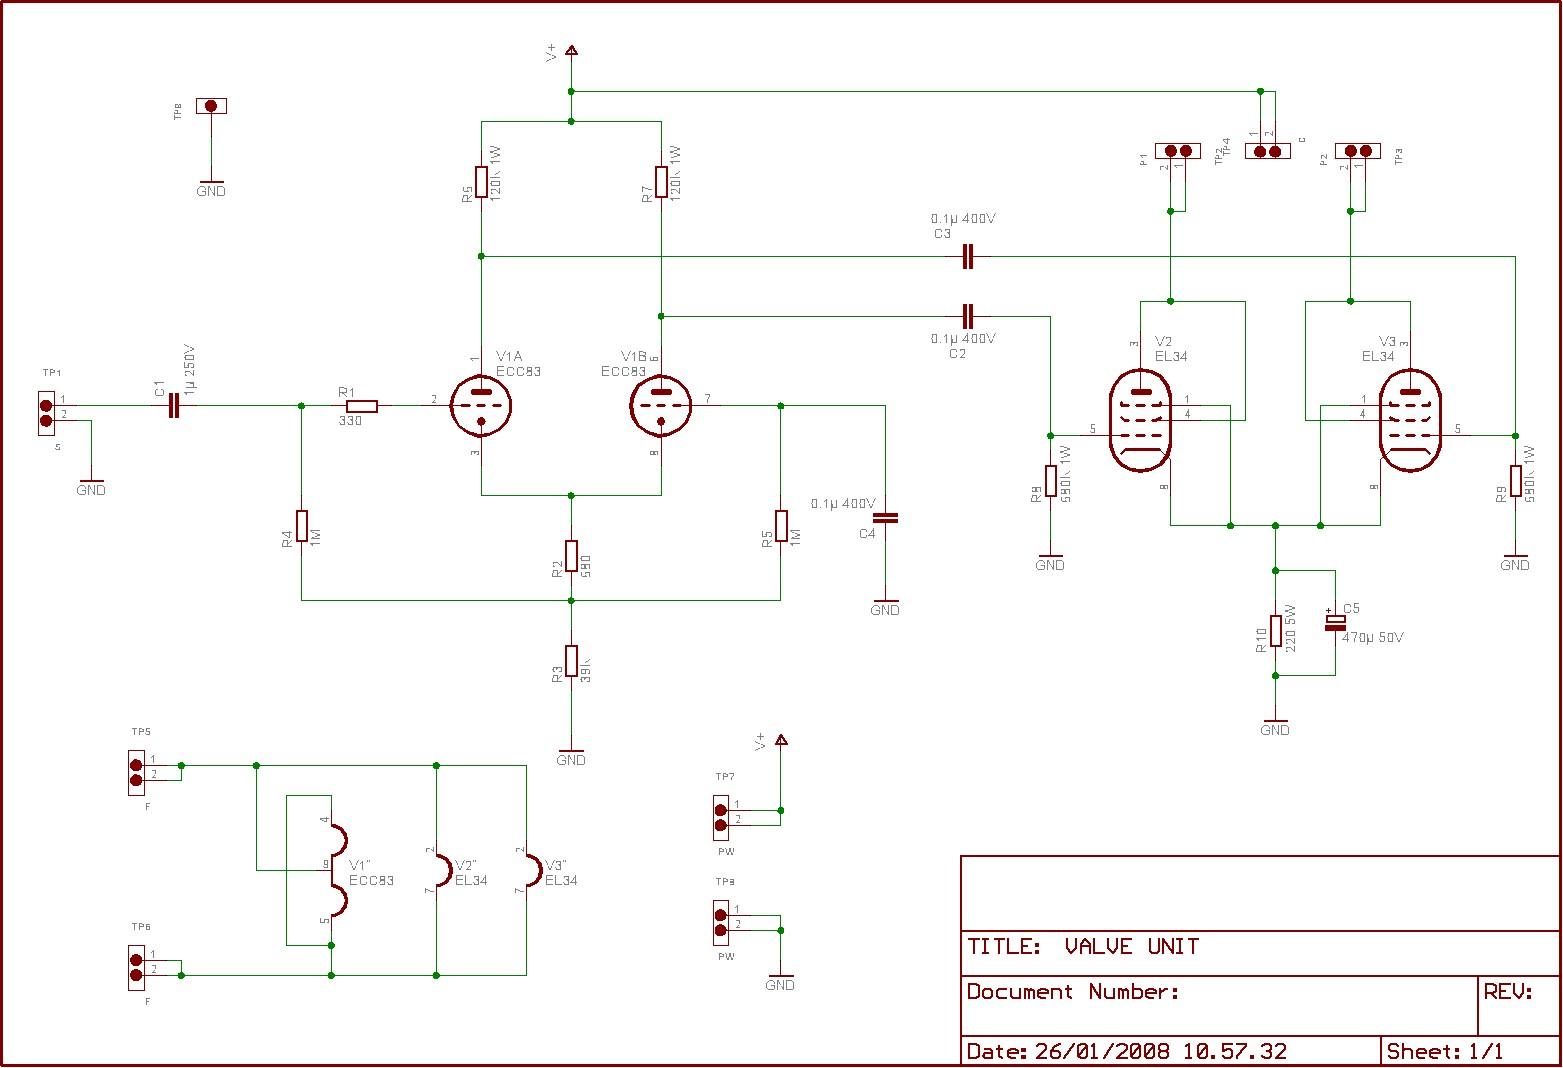 Amplificatore Con El34 The Fu29 Pushpull Circuit Amplifiercircuit Diagram Un Configurazione A Push Pull Le Connesse Triodo Il Loro Punto Di Riposo Stato Scelto Affinch Anche Livelli Alti Potenza